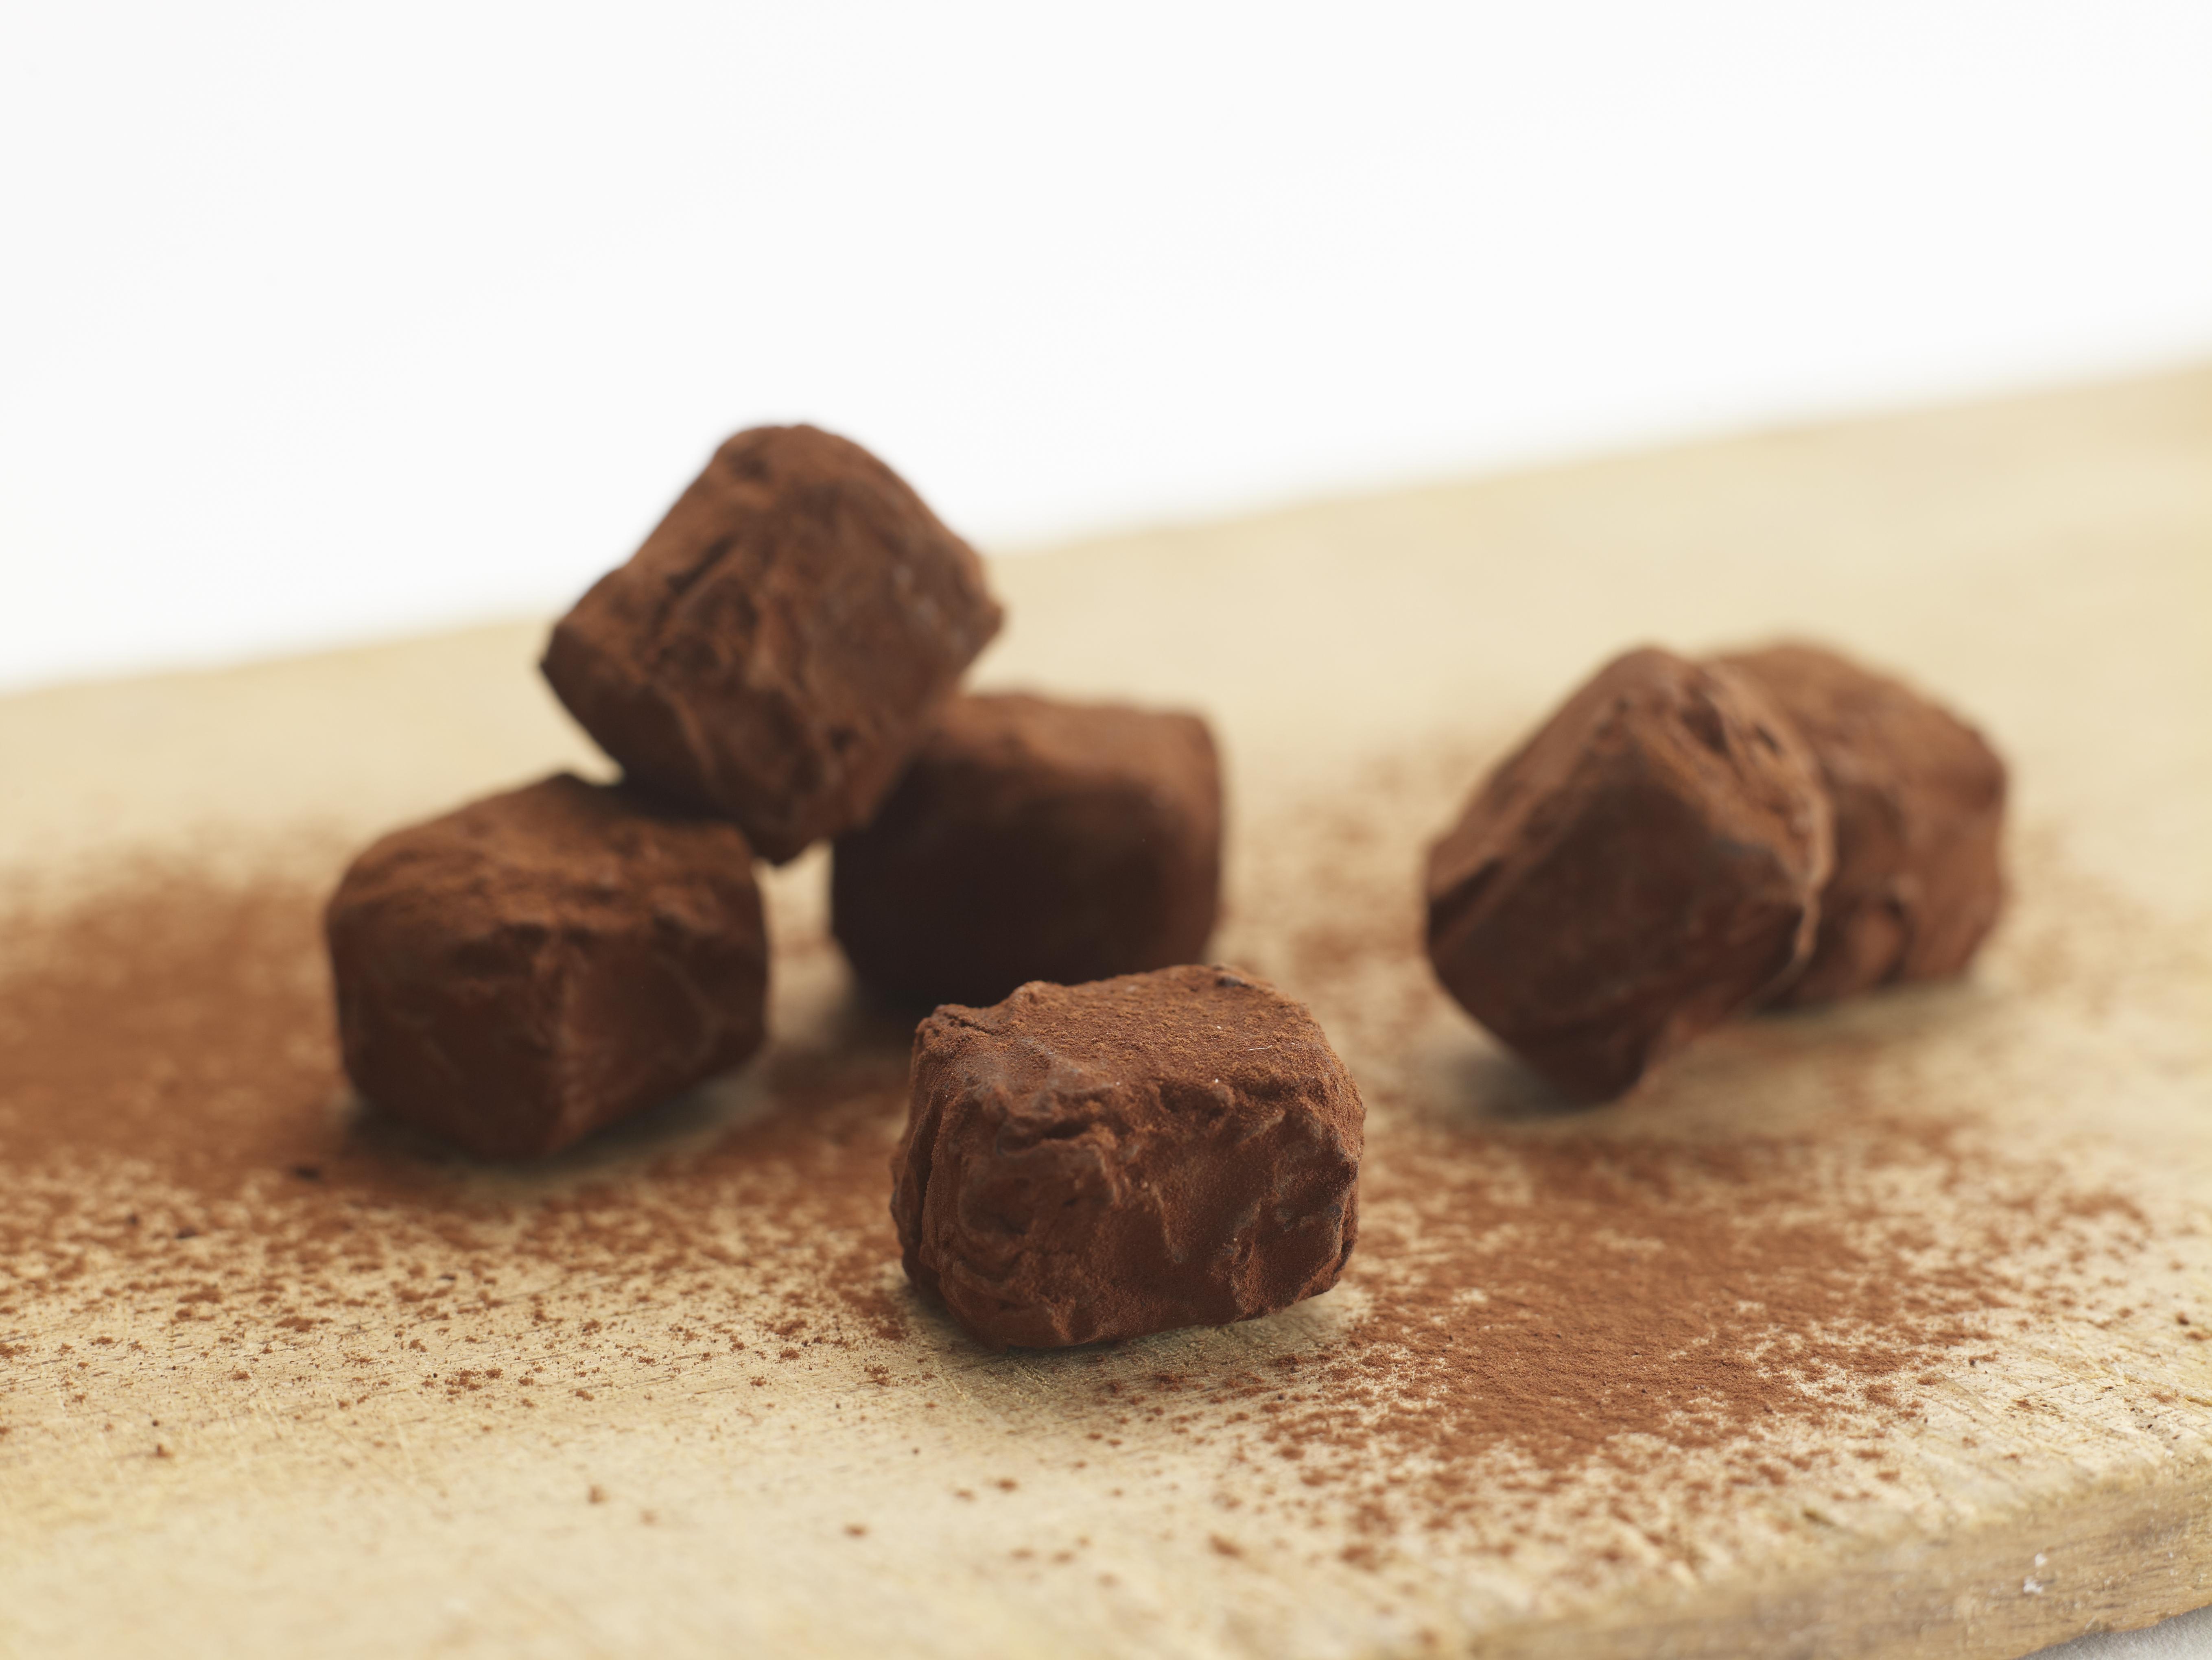 吉祥寺のチョコレートはココで!人気専門店やカフェを紹介!プレゼントにも最適!